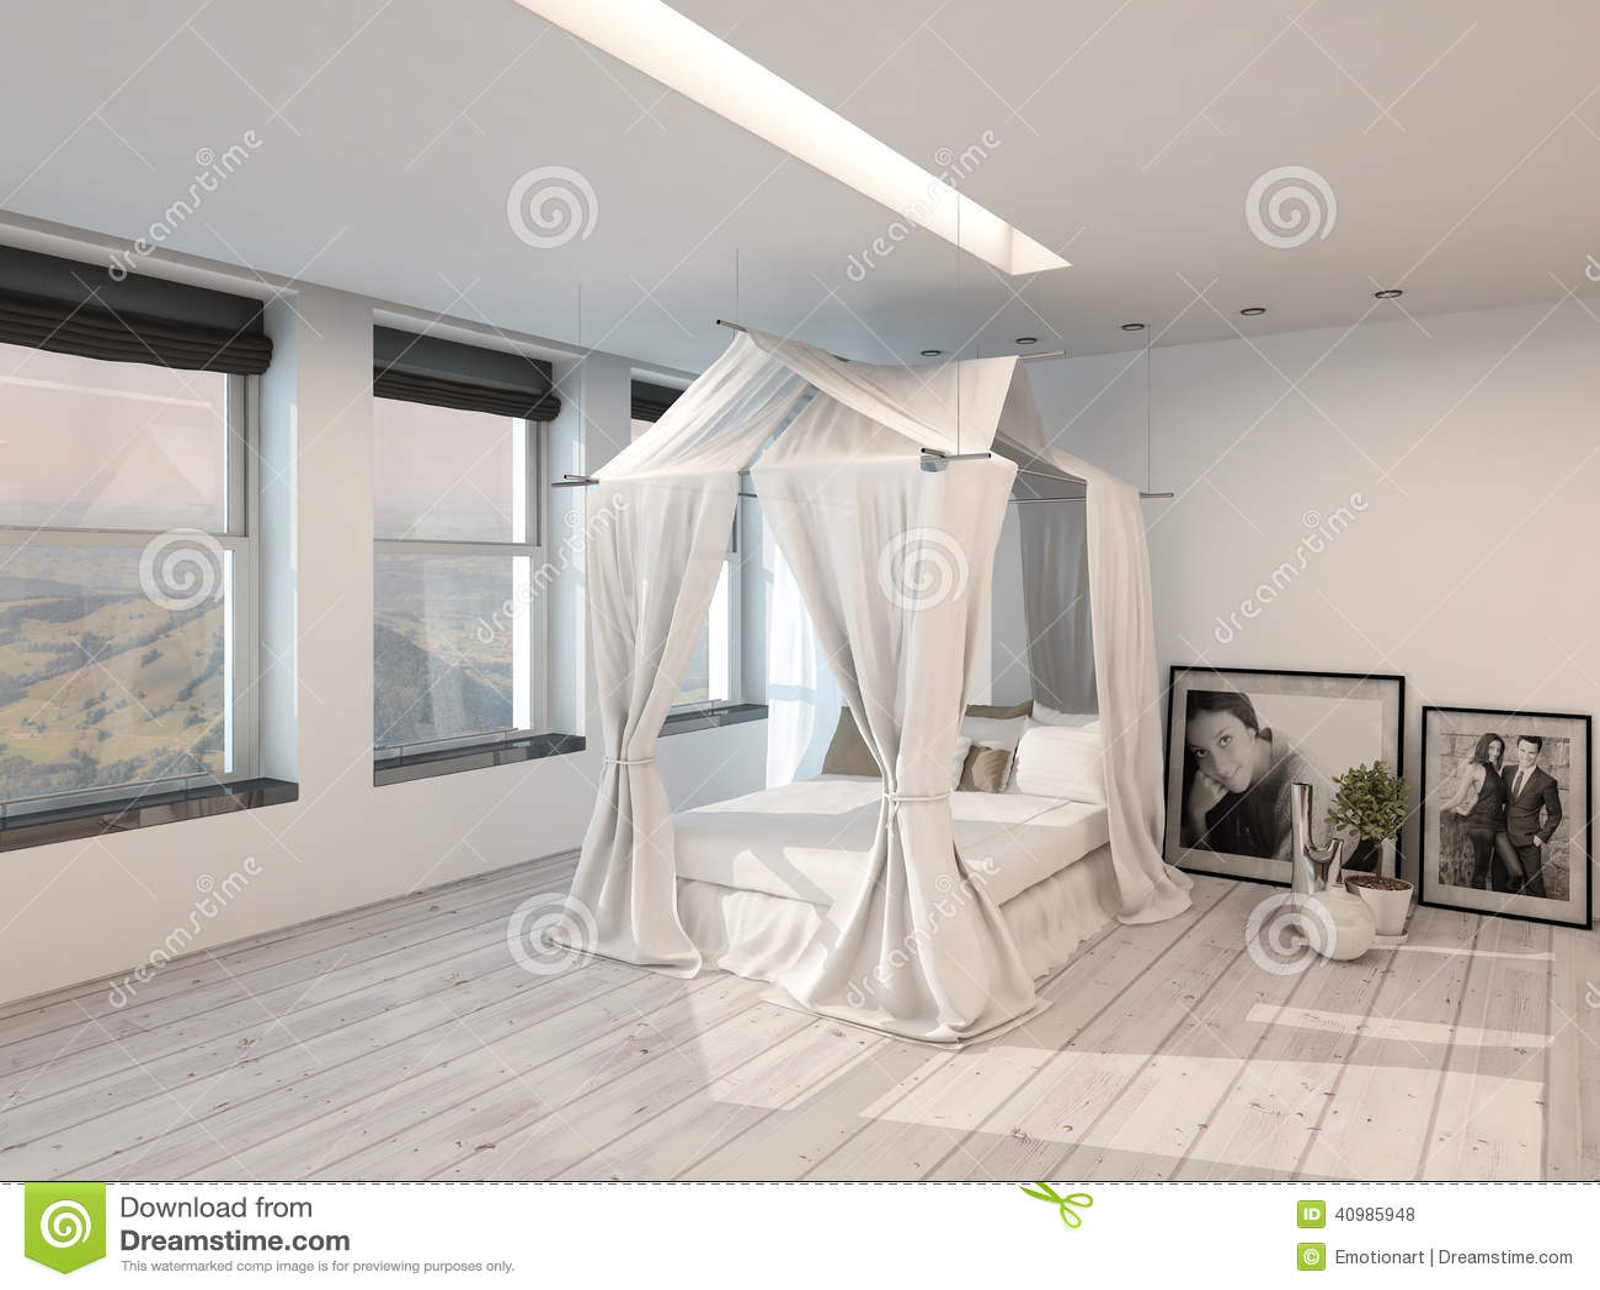 Camere Tumblr Bianche : Camera disegno chic letto da